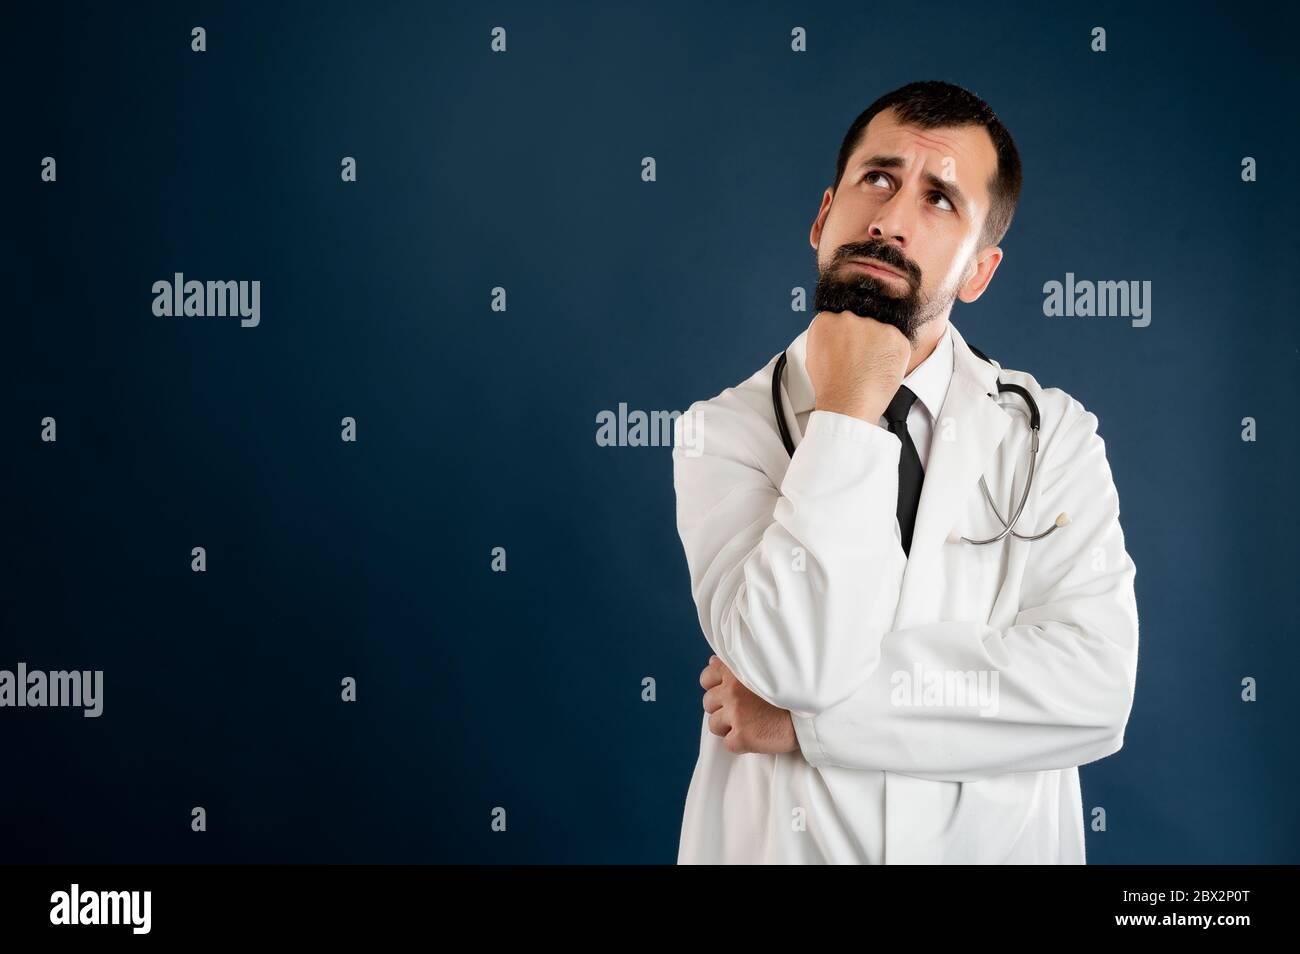 Portrait d'un médecin masculin avec stéthoscope en uniforme médical tenant la main sous son menton, ayant douteux posé sur un fond bleu isolé. Banque D'Images